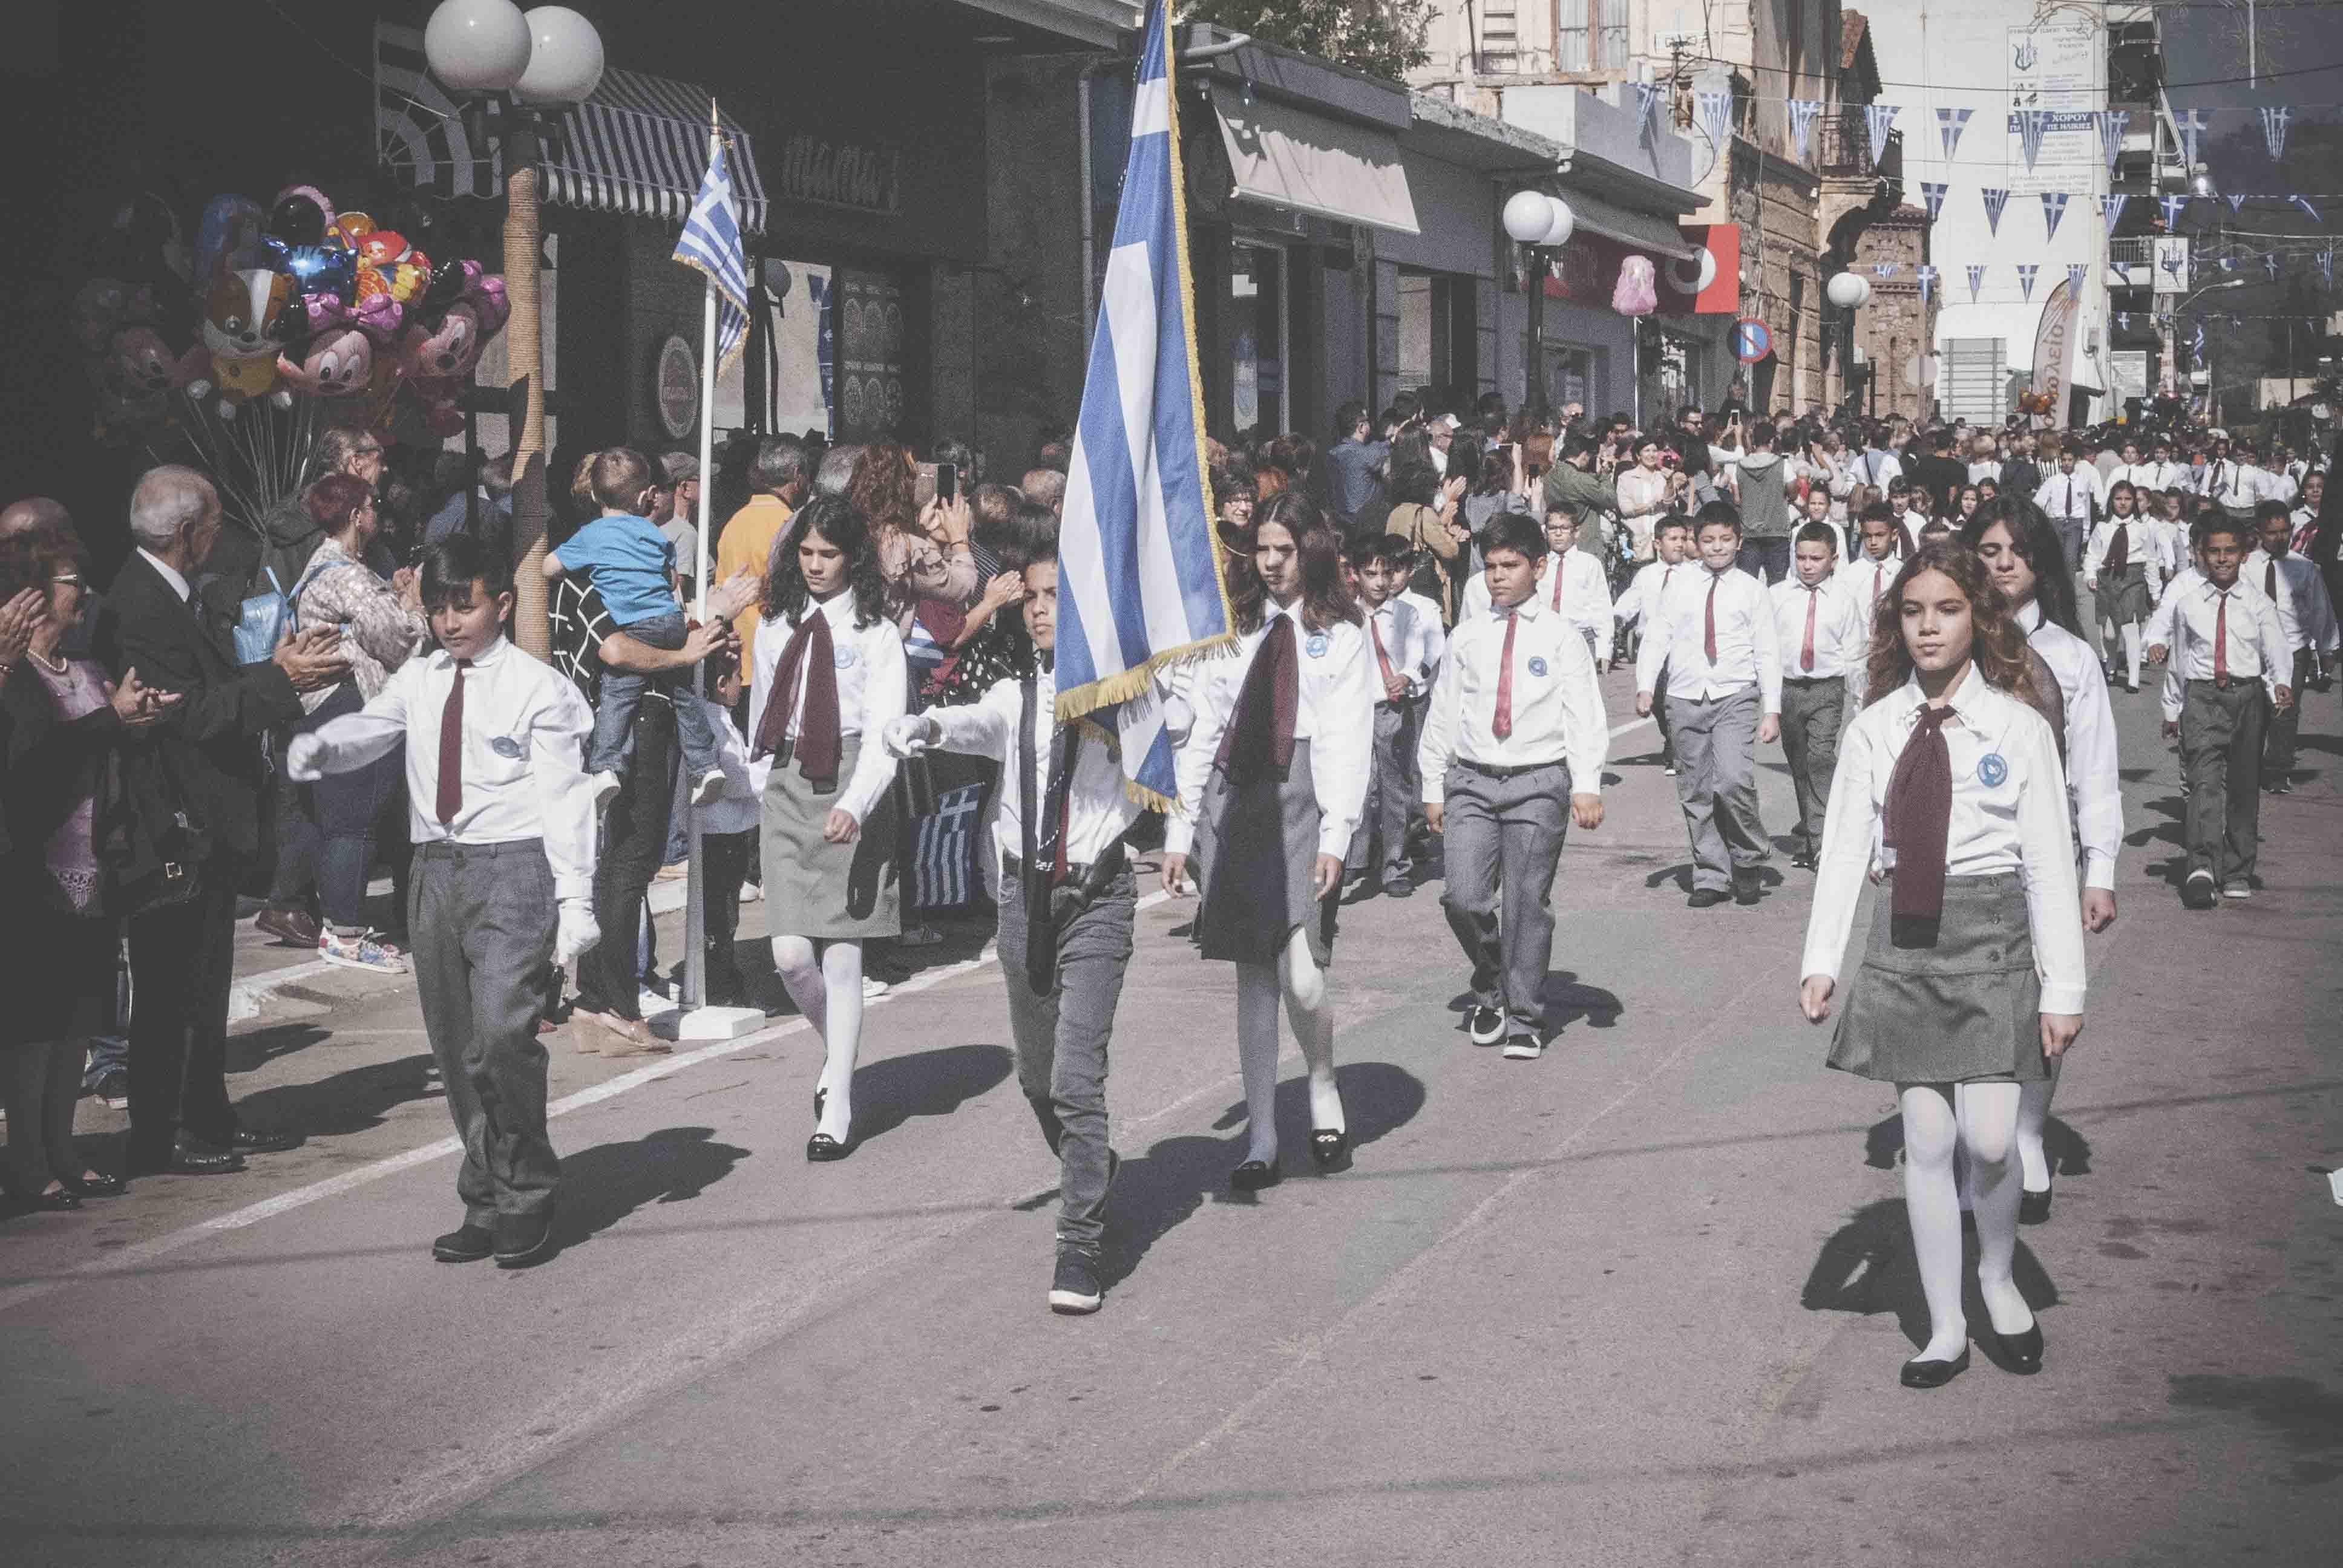 Φωτογραφικό υλικό από την παρέλαση στα Ψαχνά Φωτογραφικό υλικό από την παρέλαση στα Ψαχνά DSC 0350